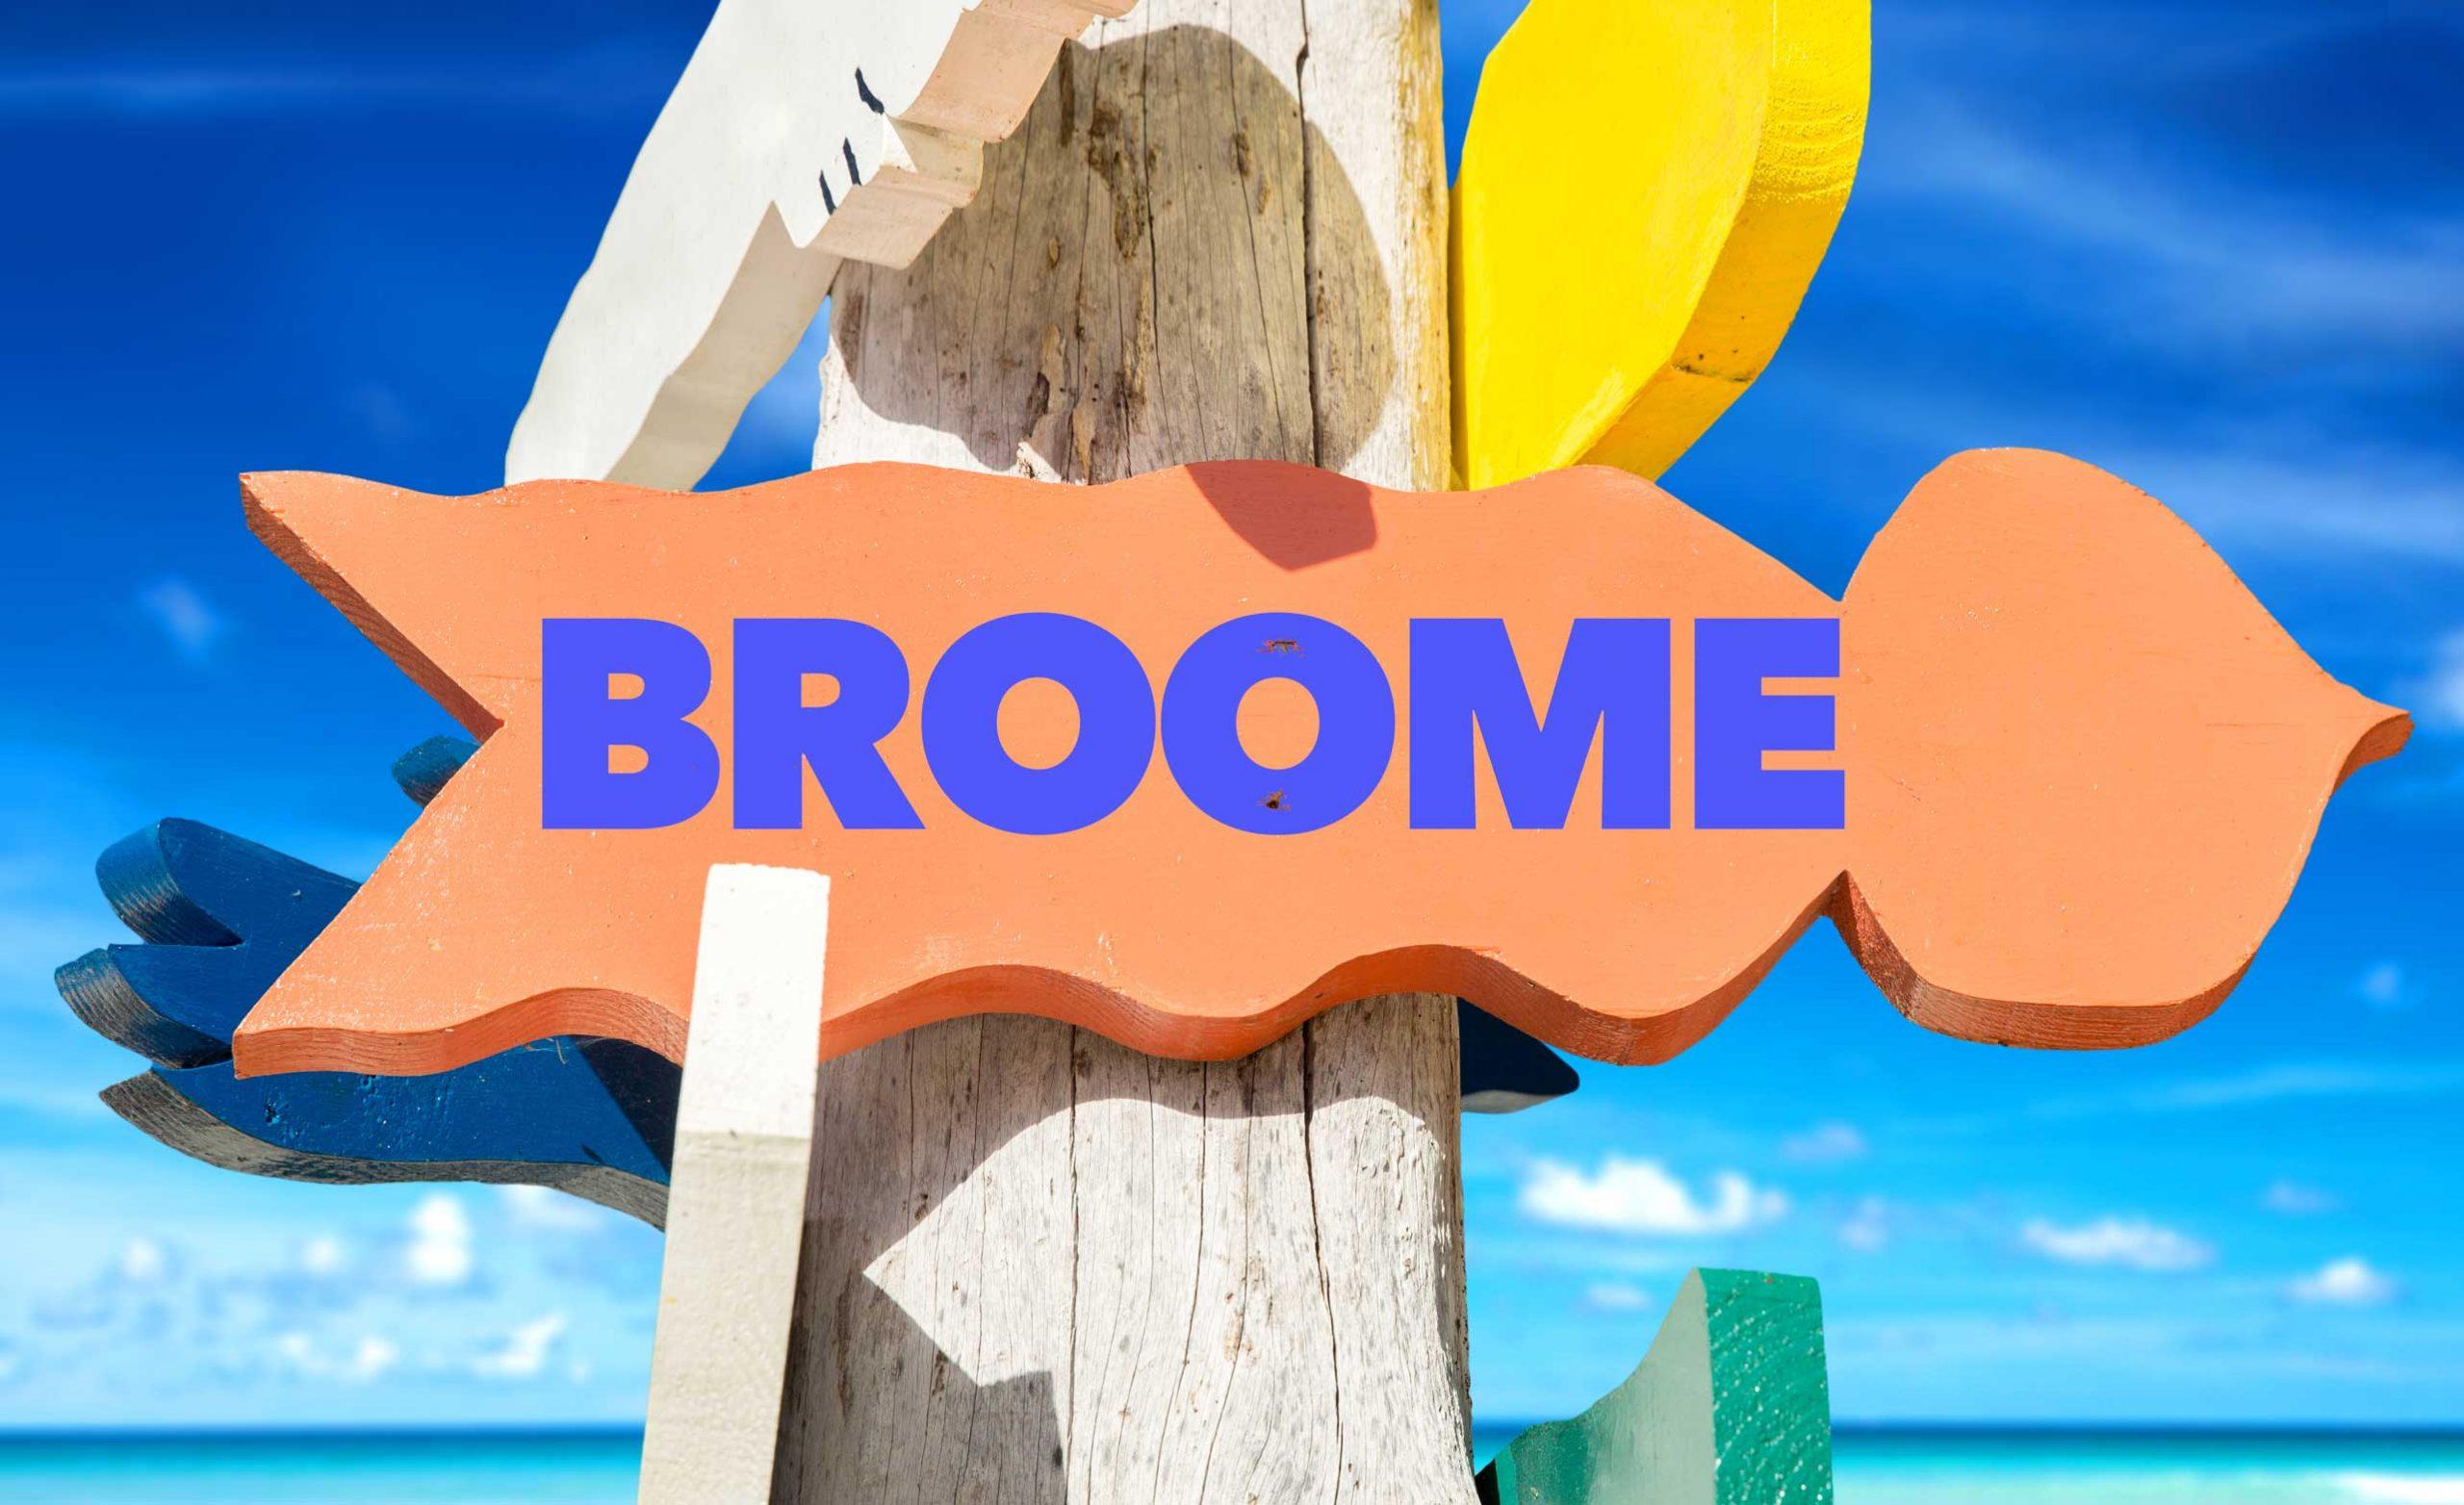 Top 10 Things to do in Beautiful Broome, WA